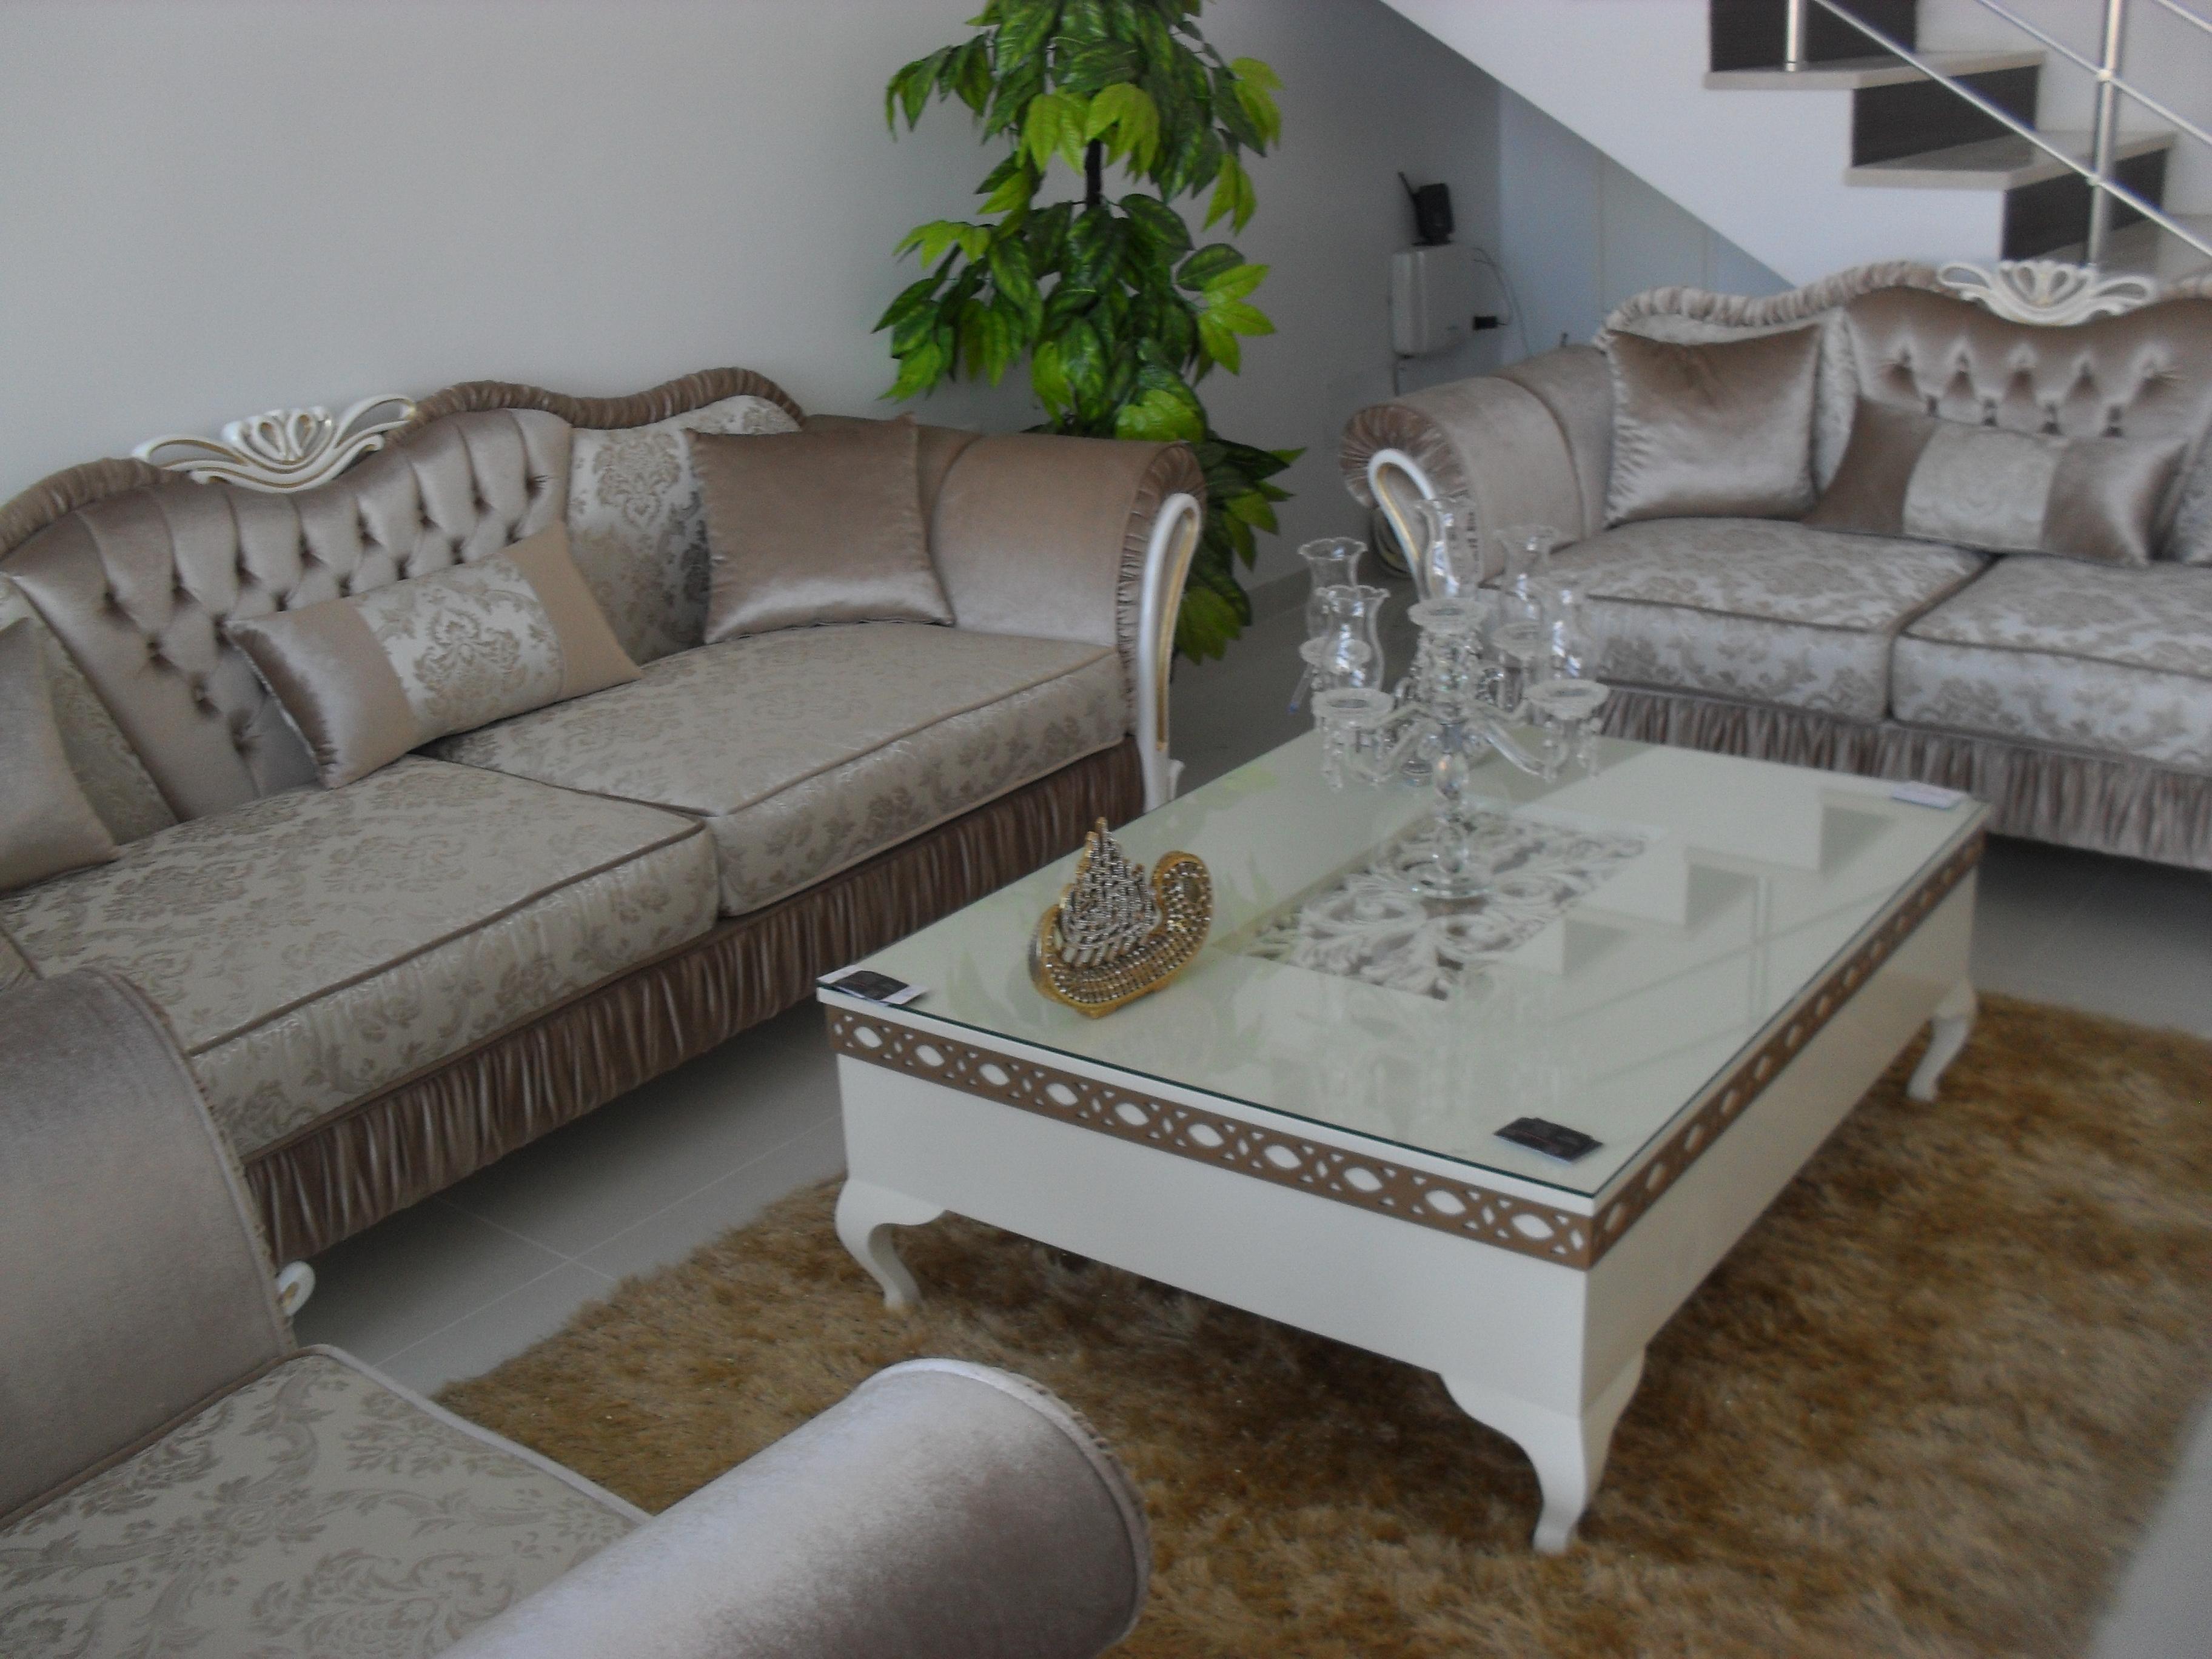 Salon Cristaline Meubles Et D Coration Tunisie # Meuble Decoratif Salon